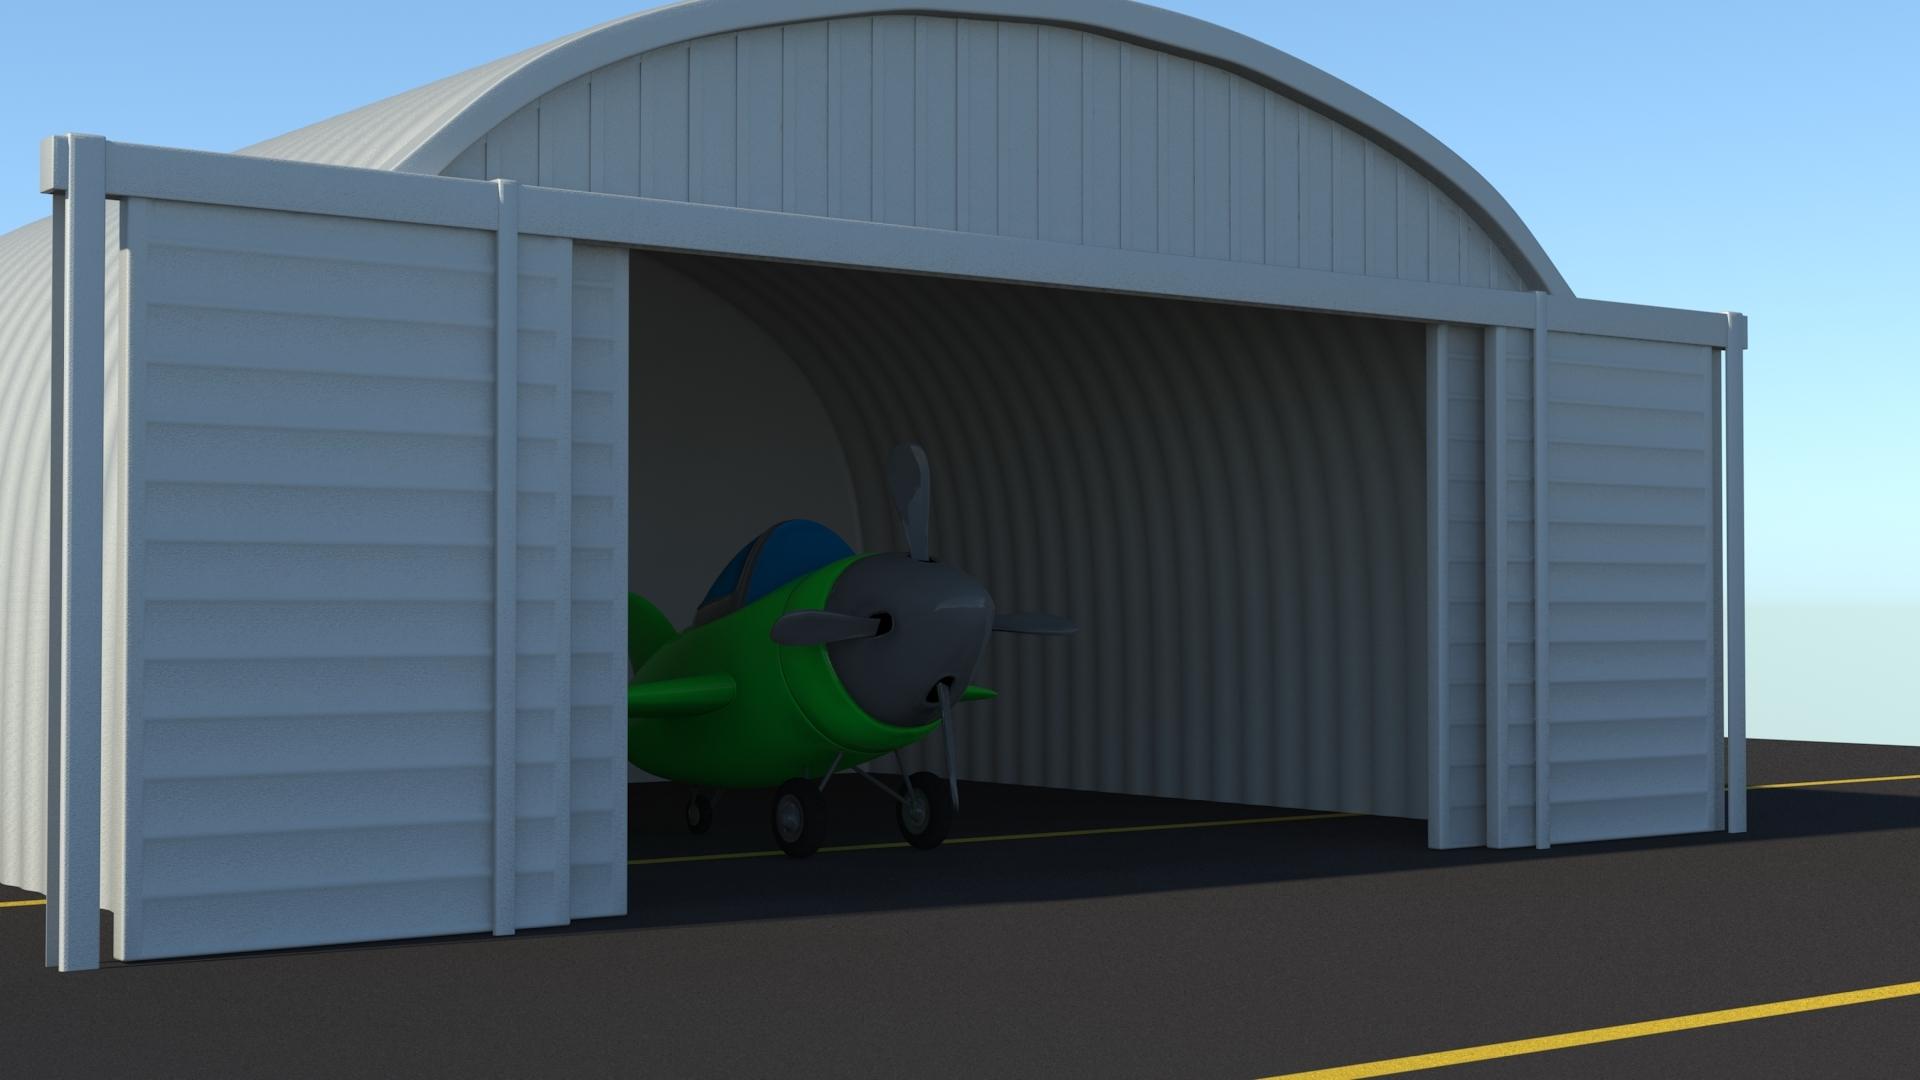 Planehanger